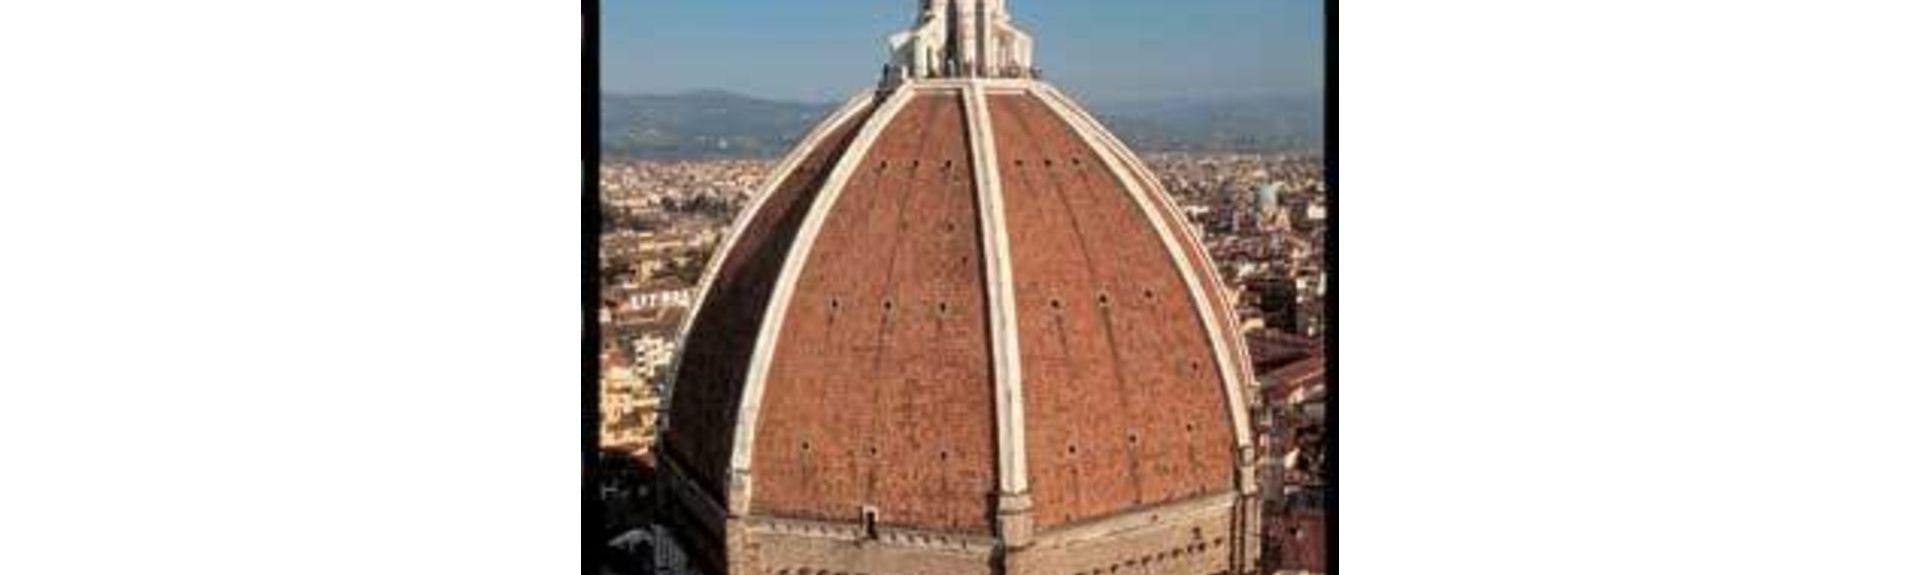 Porta al Prato, Florenz, Toskana, Italien